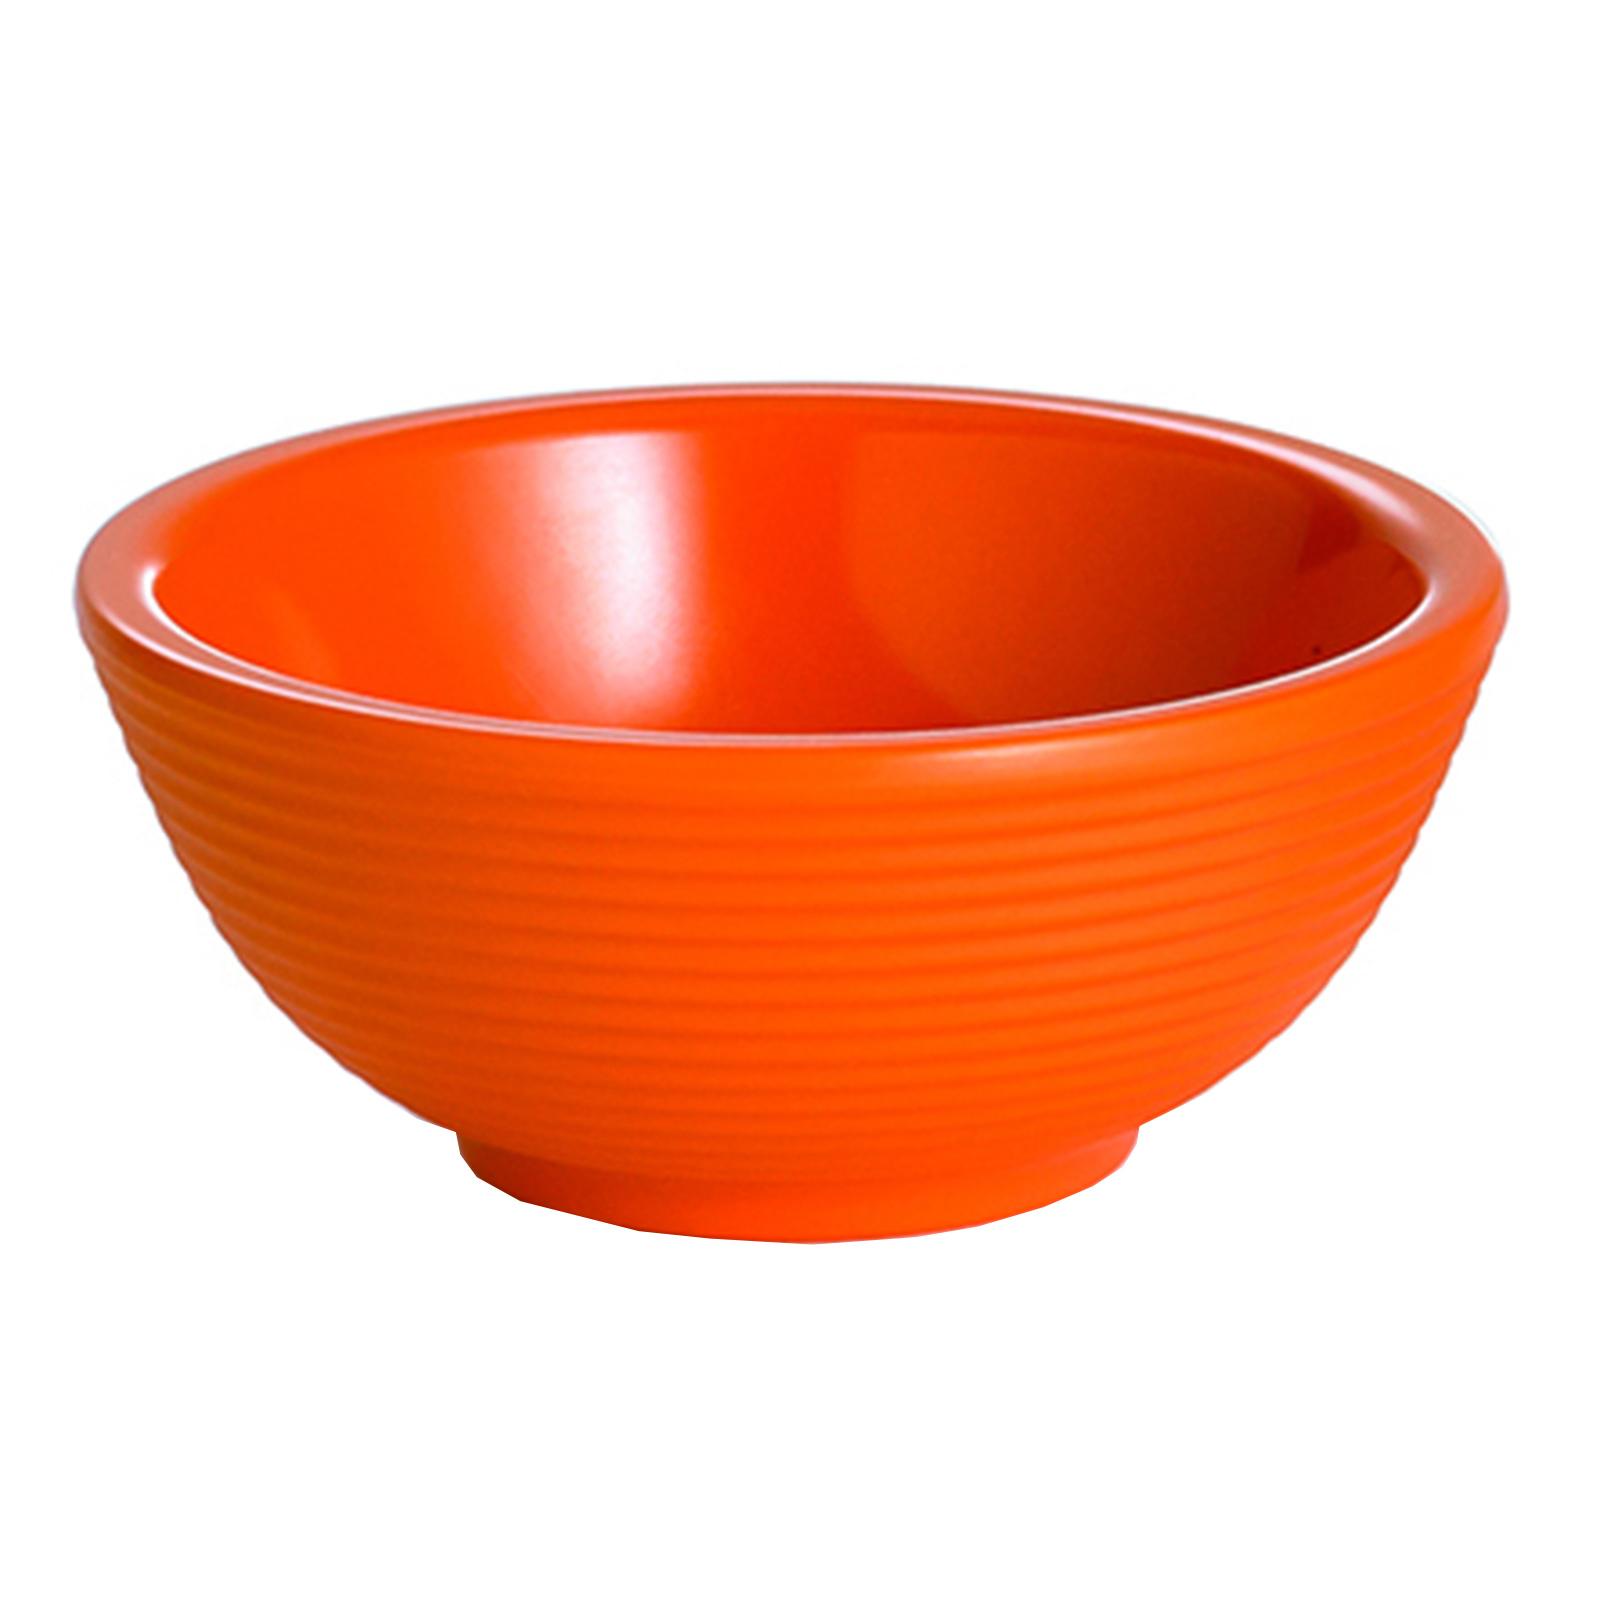 TableCraft Products RAM3RX ramekin / sauce cup, plastic